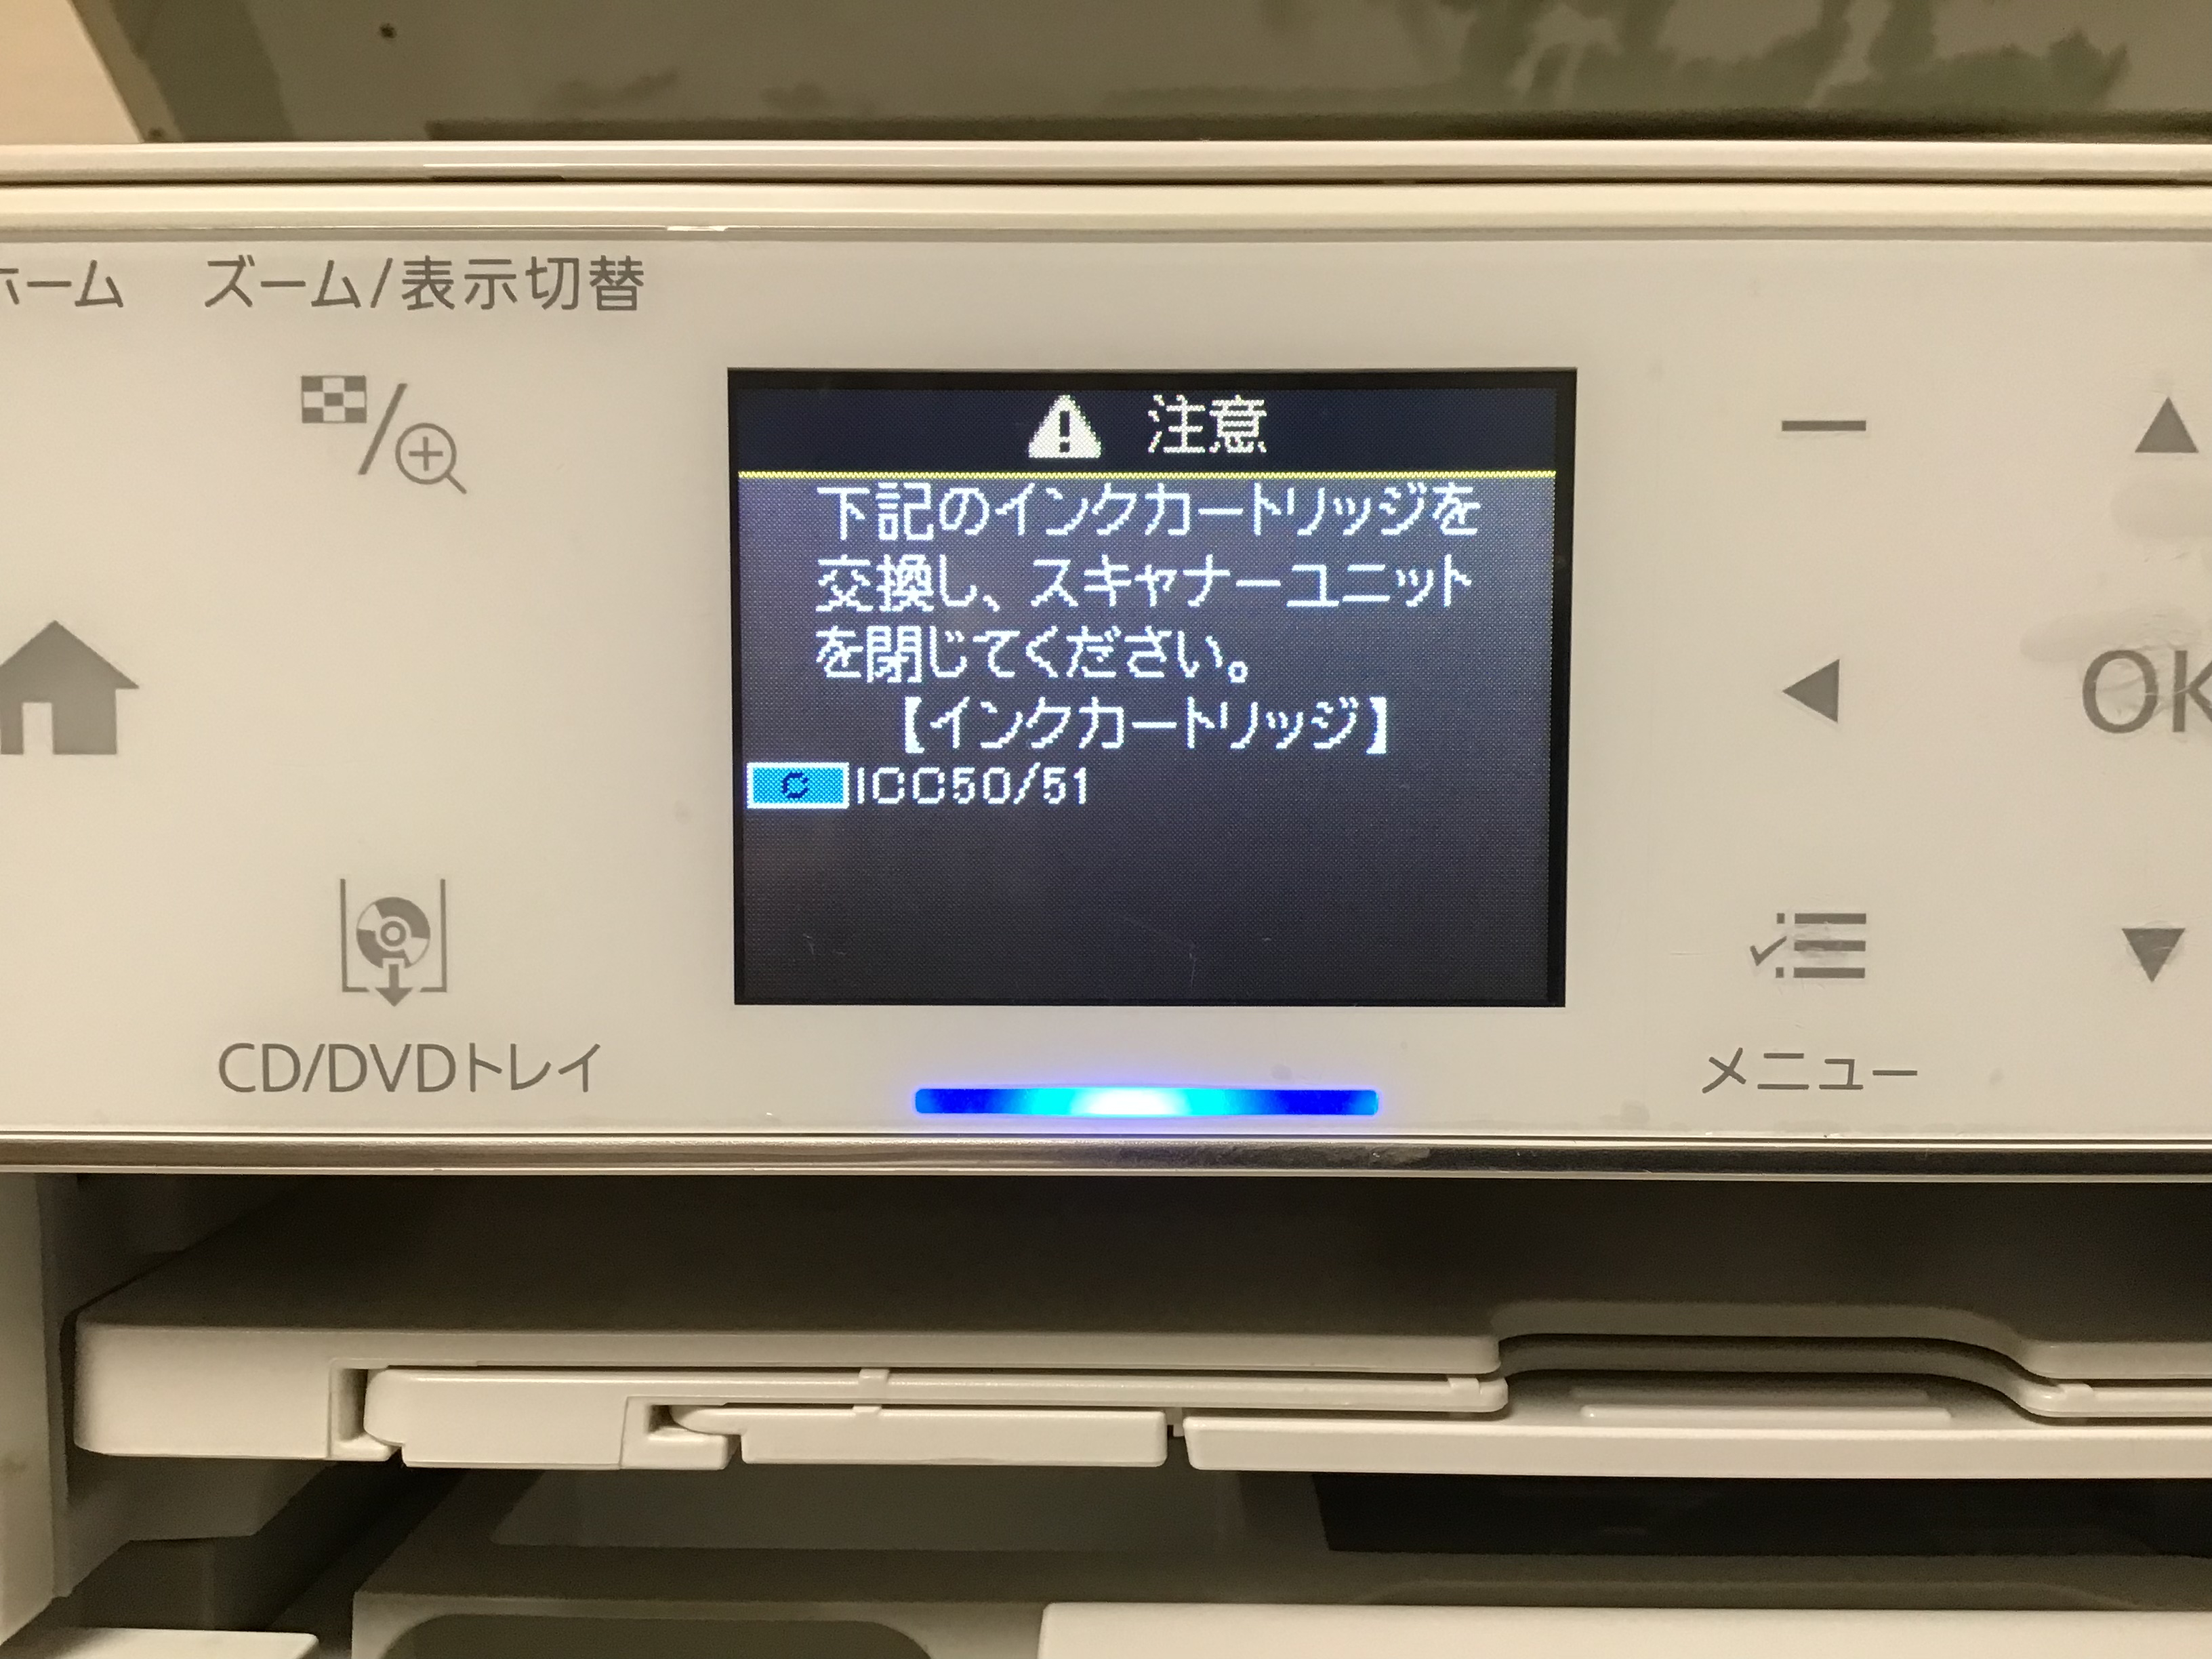 滋賀県大津市 ノートパソコンでプリンターを使った印刷ができない/NEC Windows 7のイメージ